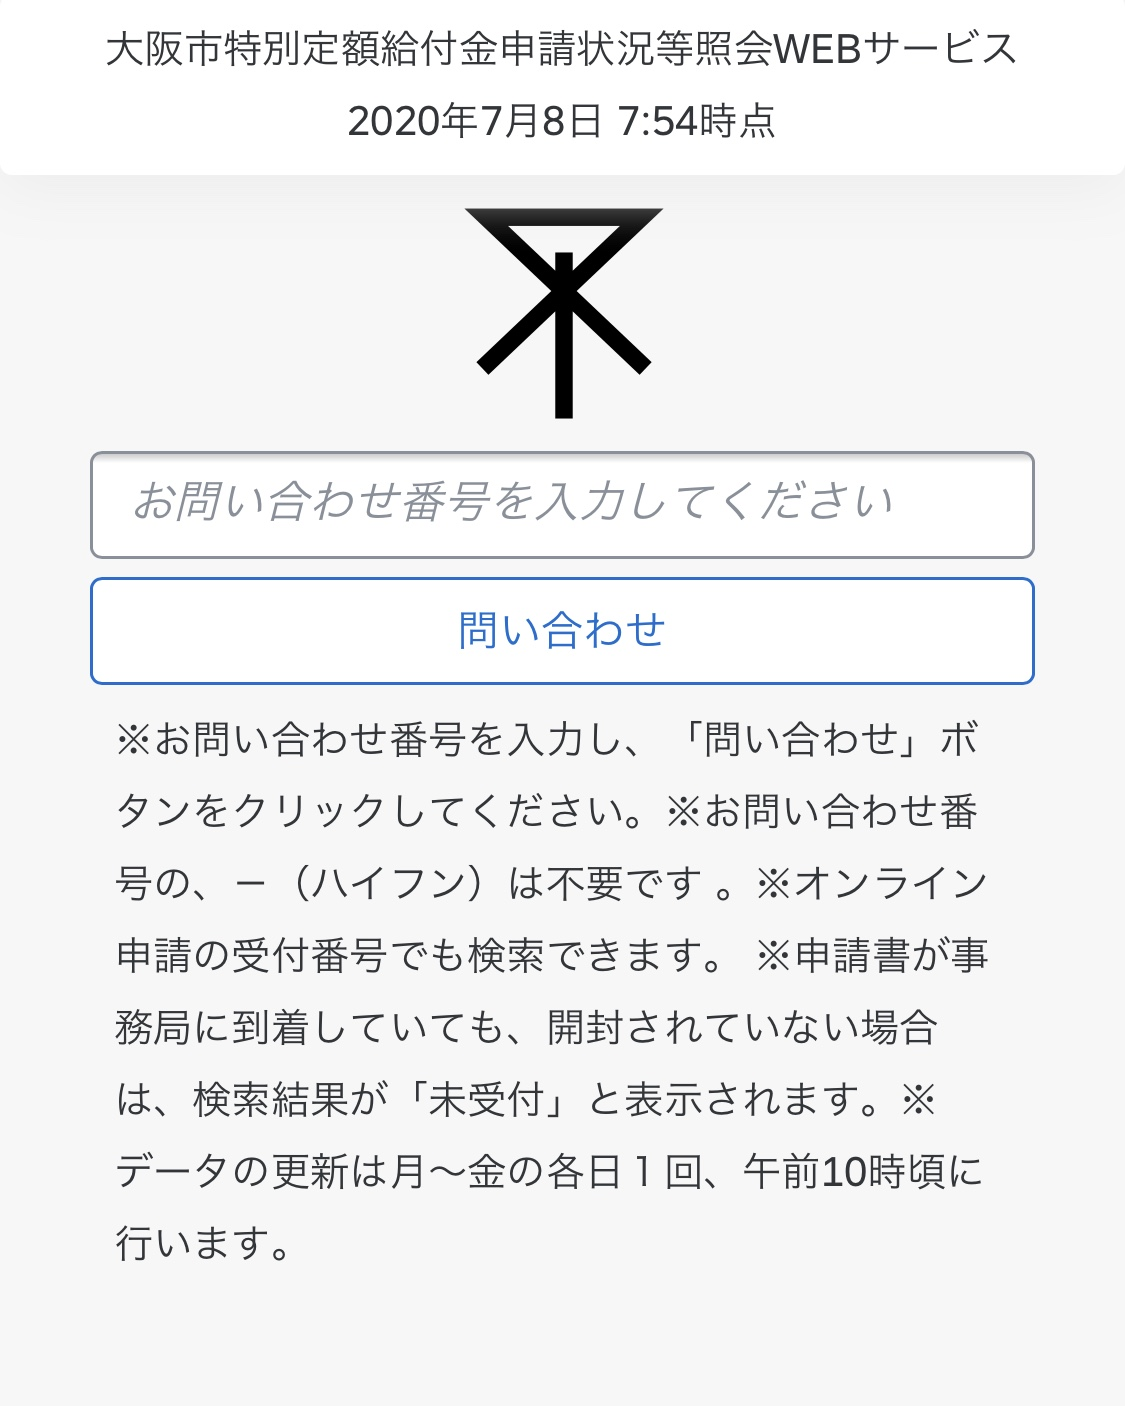 大阪市の特別定額給付金の手続き進捗状況が、オンライン上で確認可能に